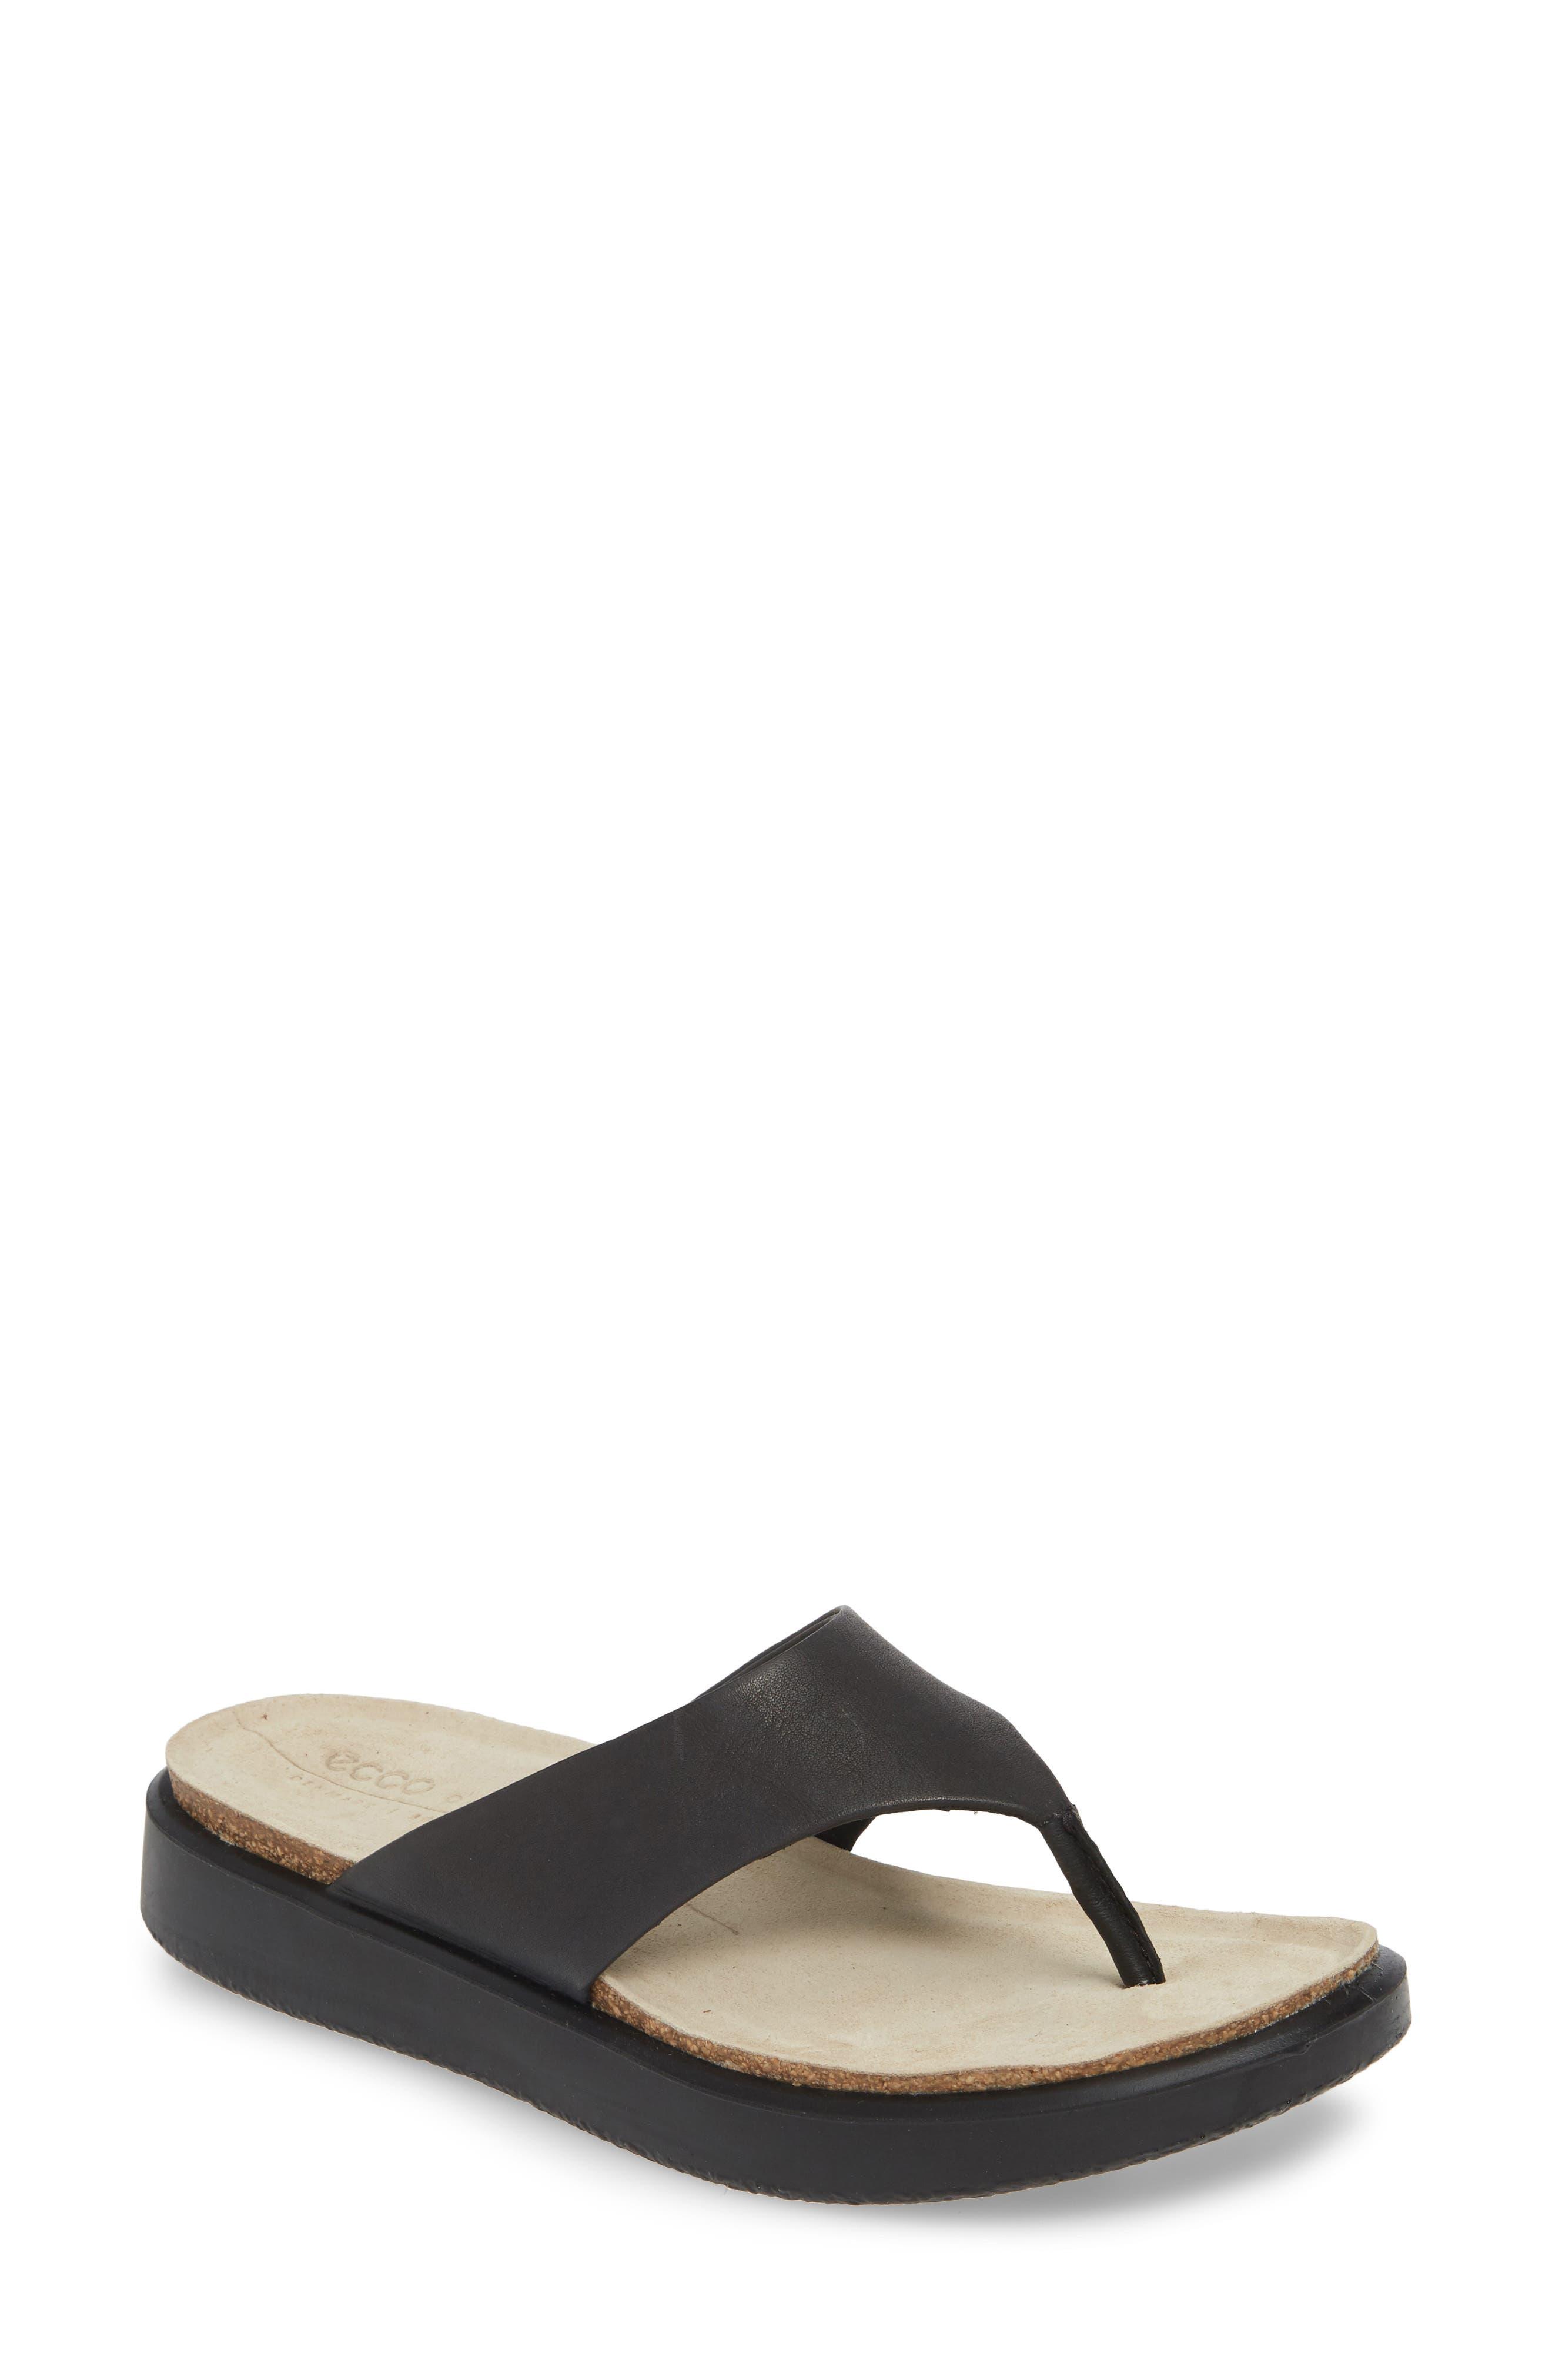 ECCO Women's Ecco Corksphere Flip Flop, Size 8-8.5US - Black